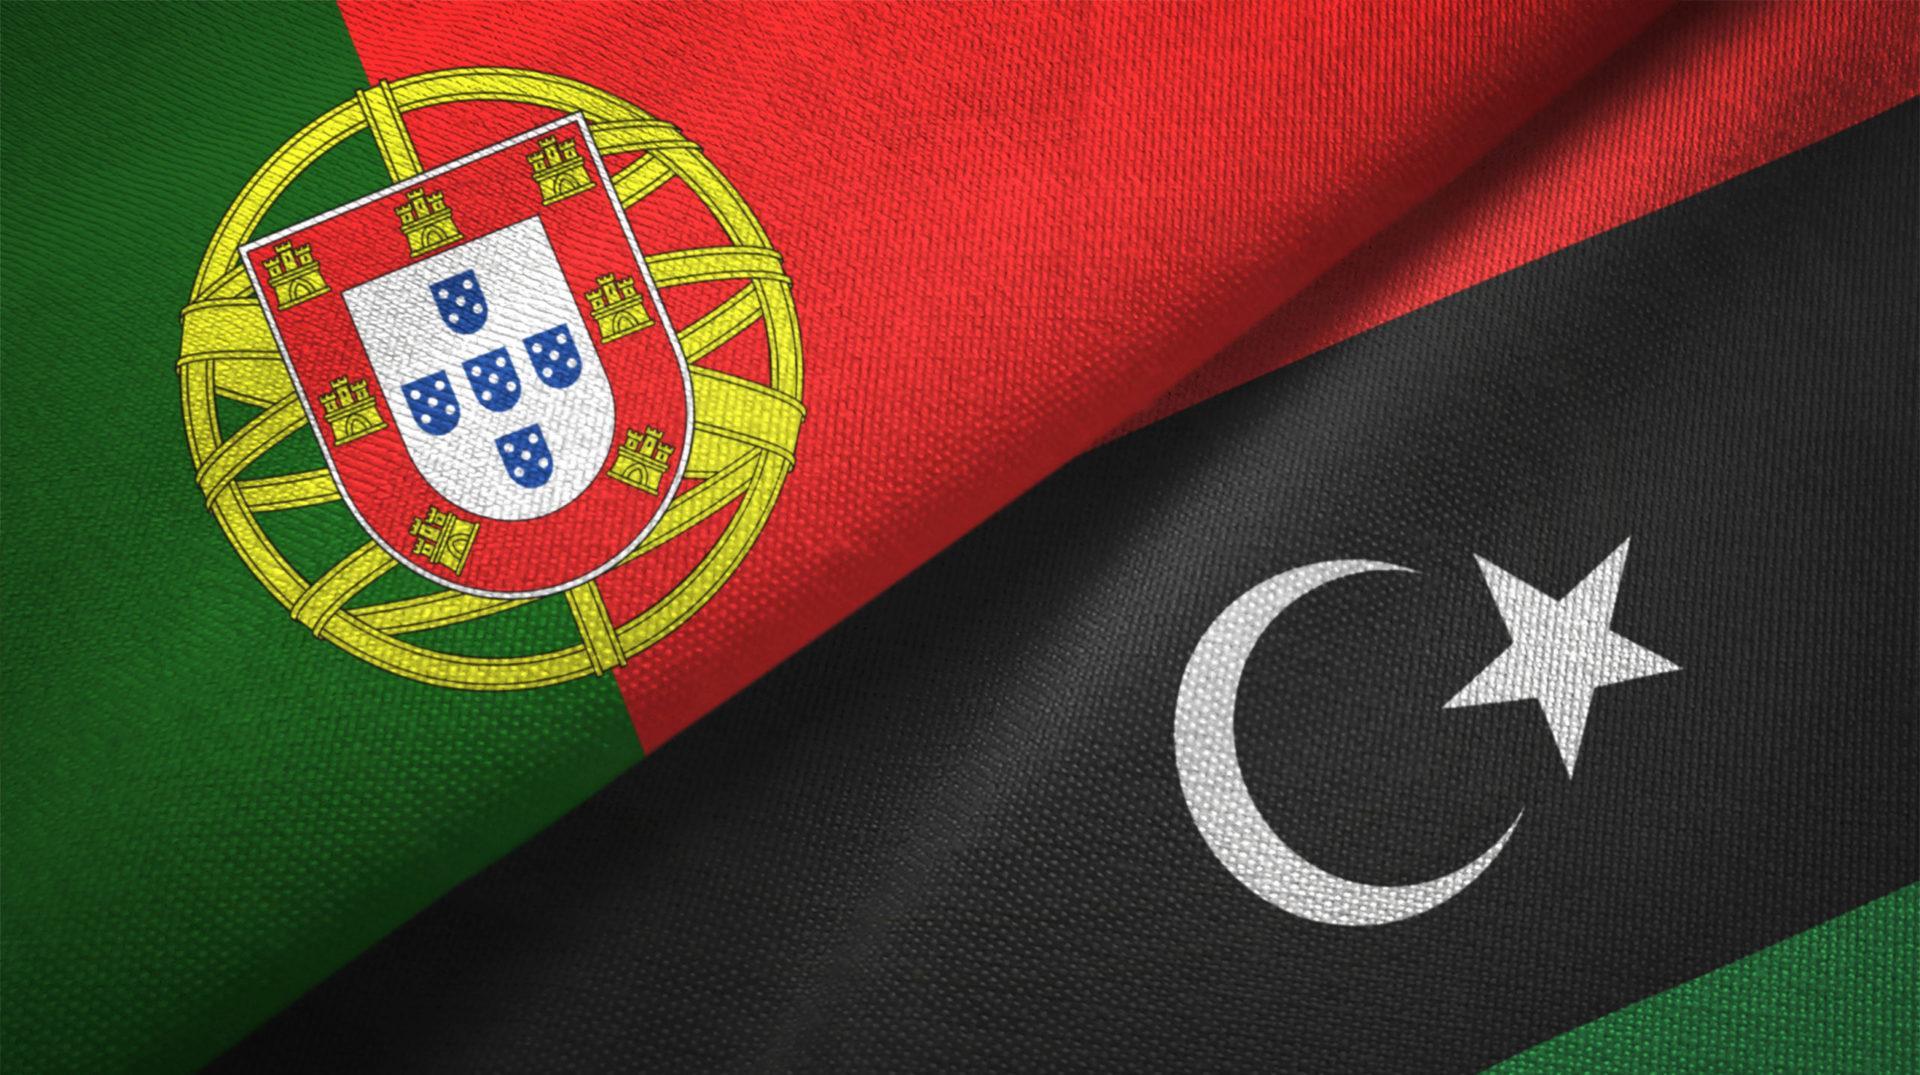 דרכון פורטוגלי ליוצאי לוב – כל מה שצריך לדעת